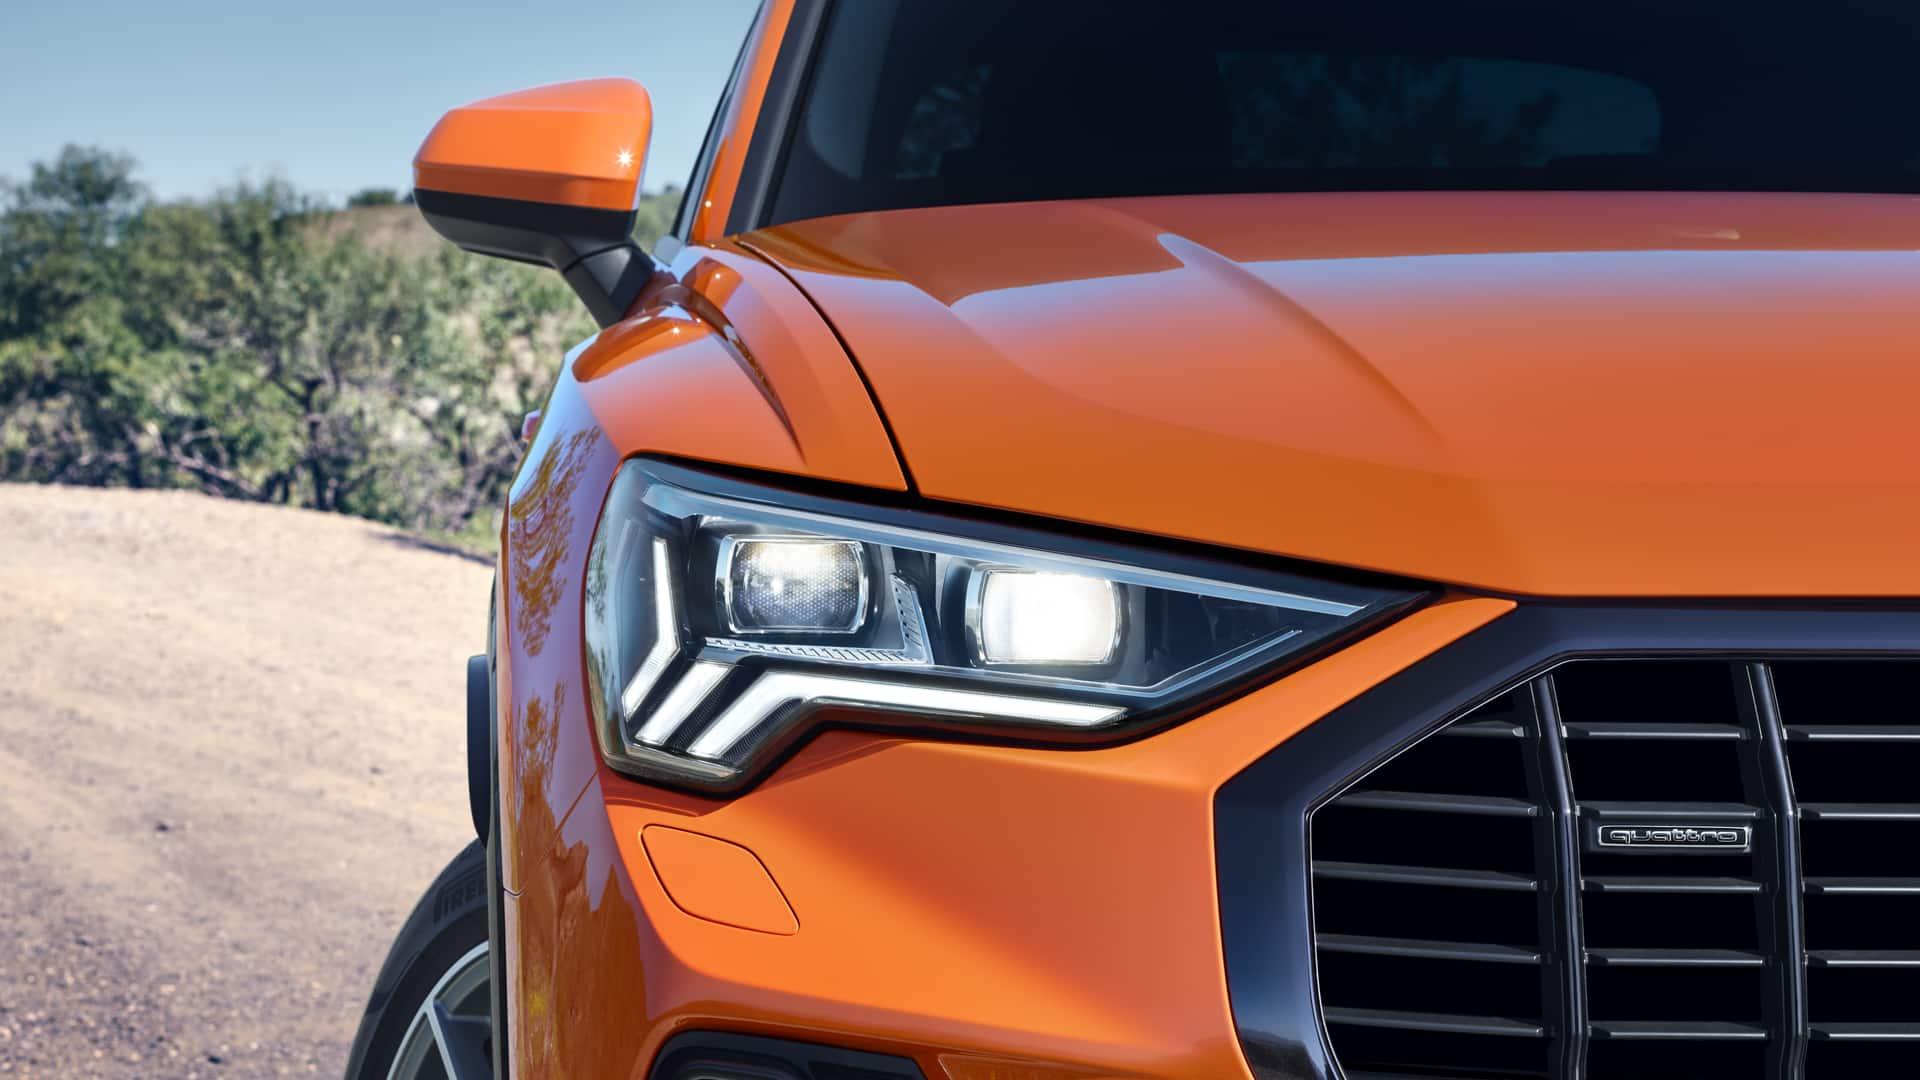 Η τεχνολογία φωτισμού του νέου Audi Q3